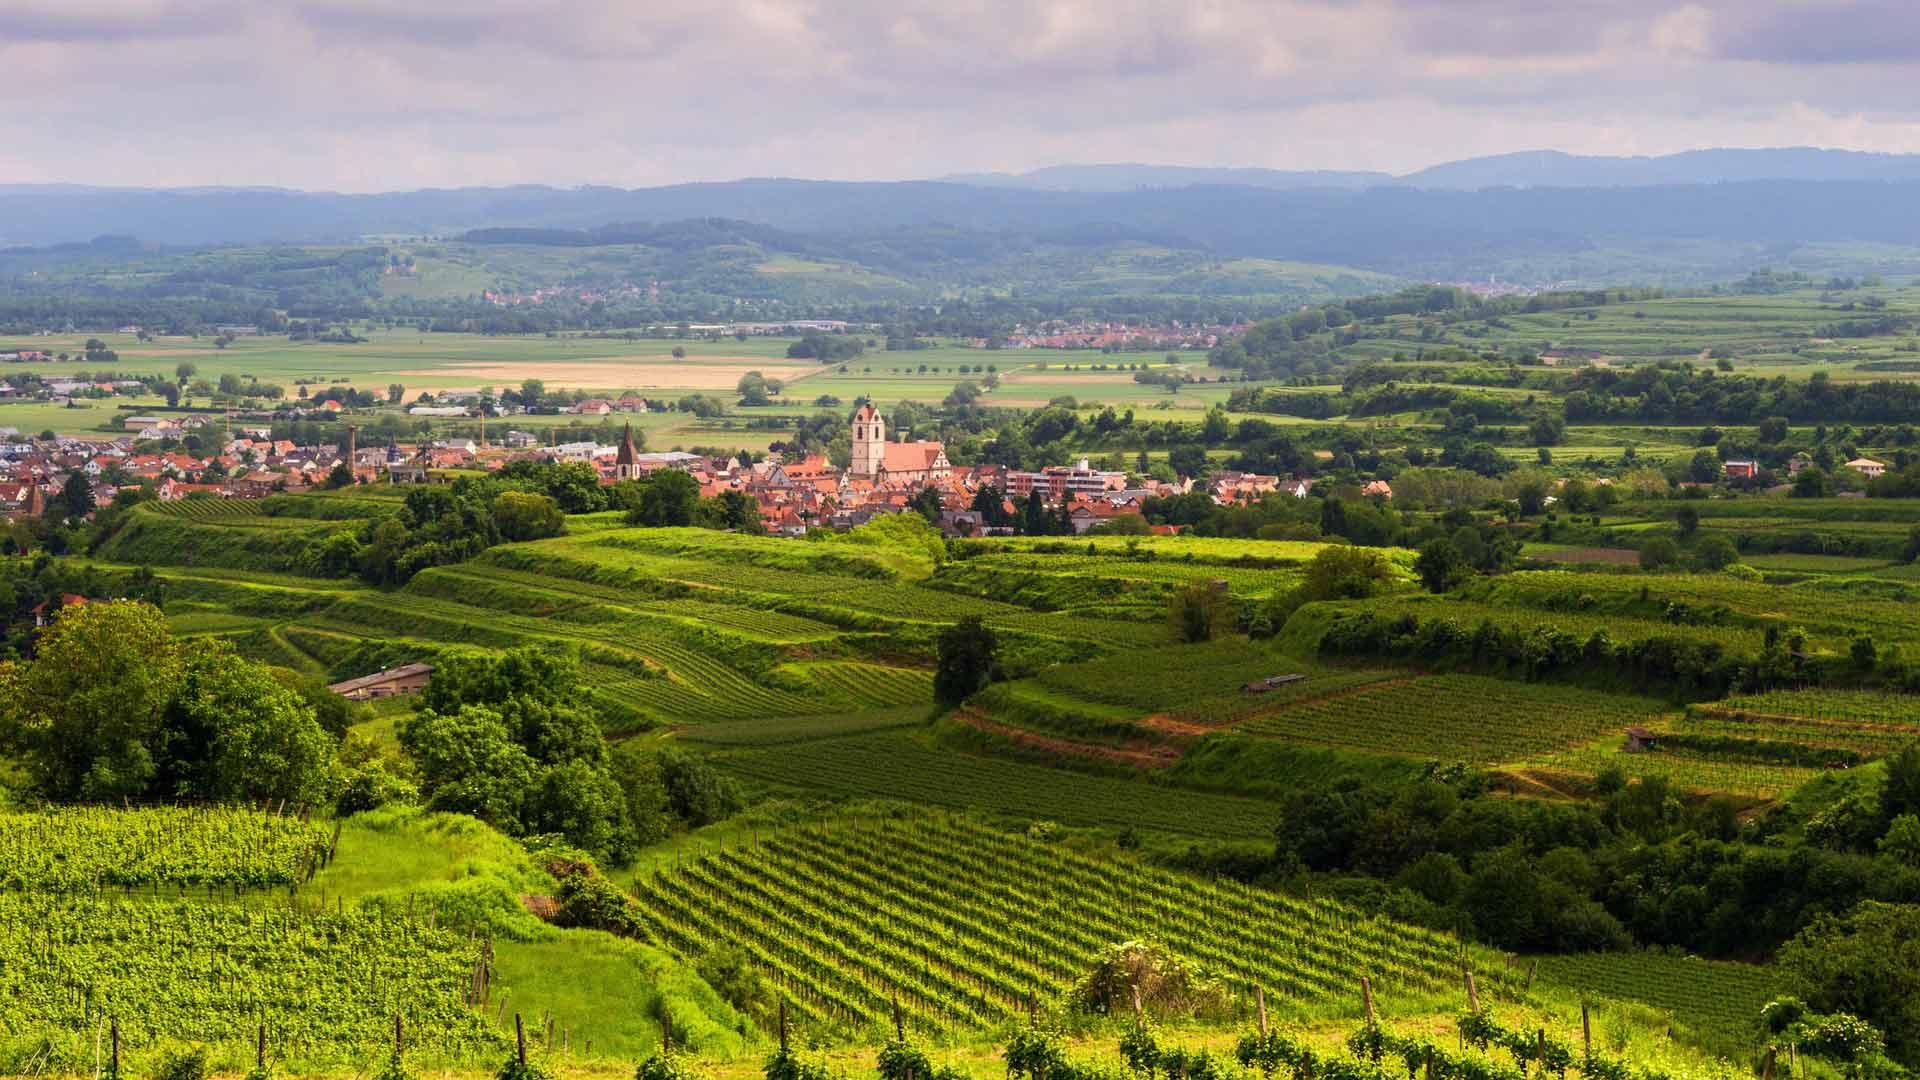 De glooiende wijngaarden in de Kaiserstuhl.